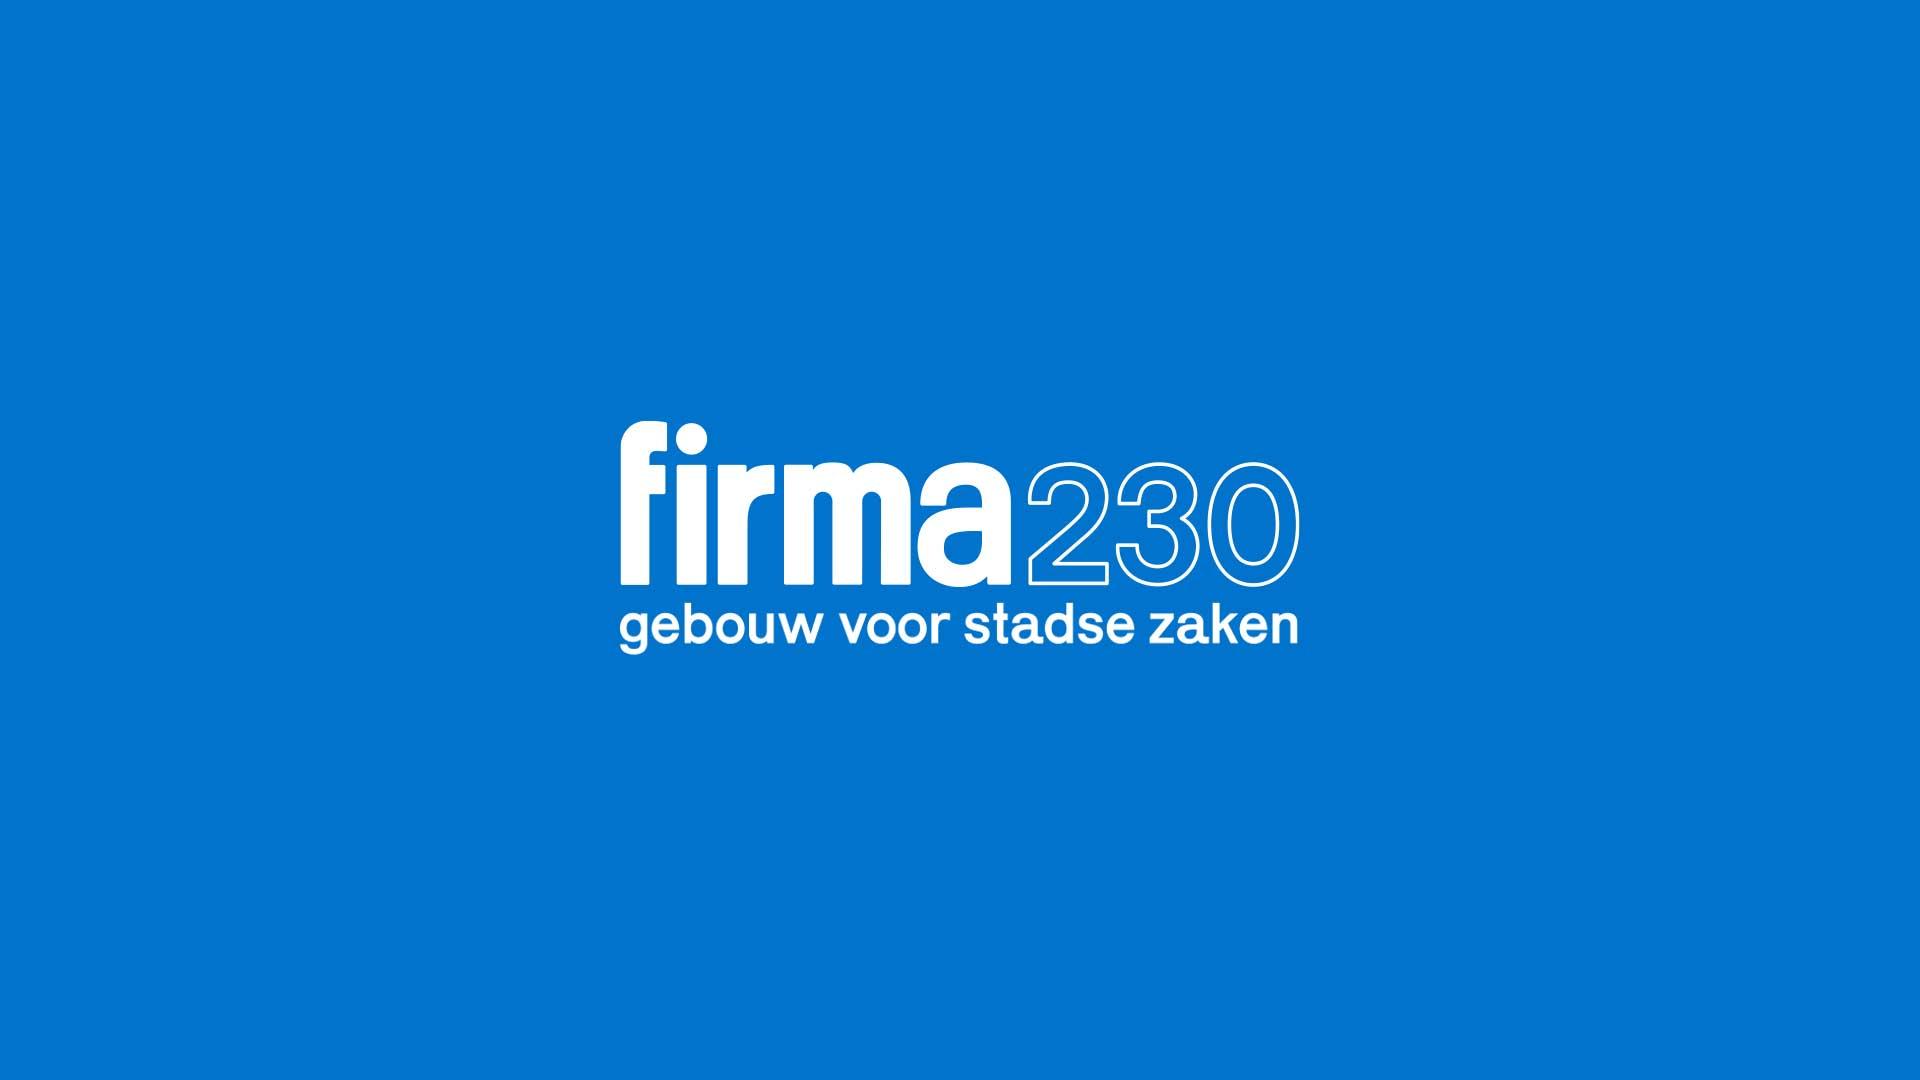 firma230_logo_tagline-1